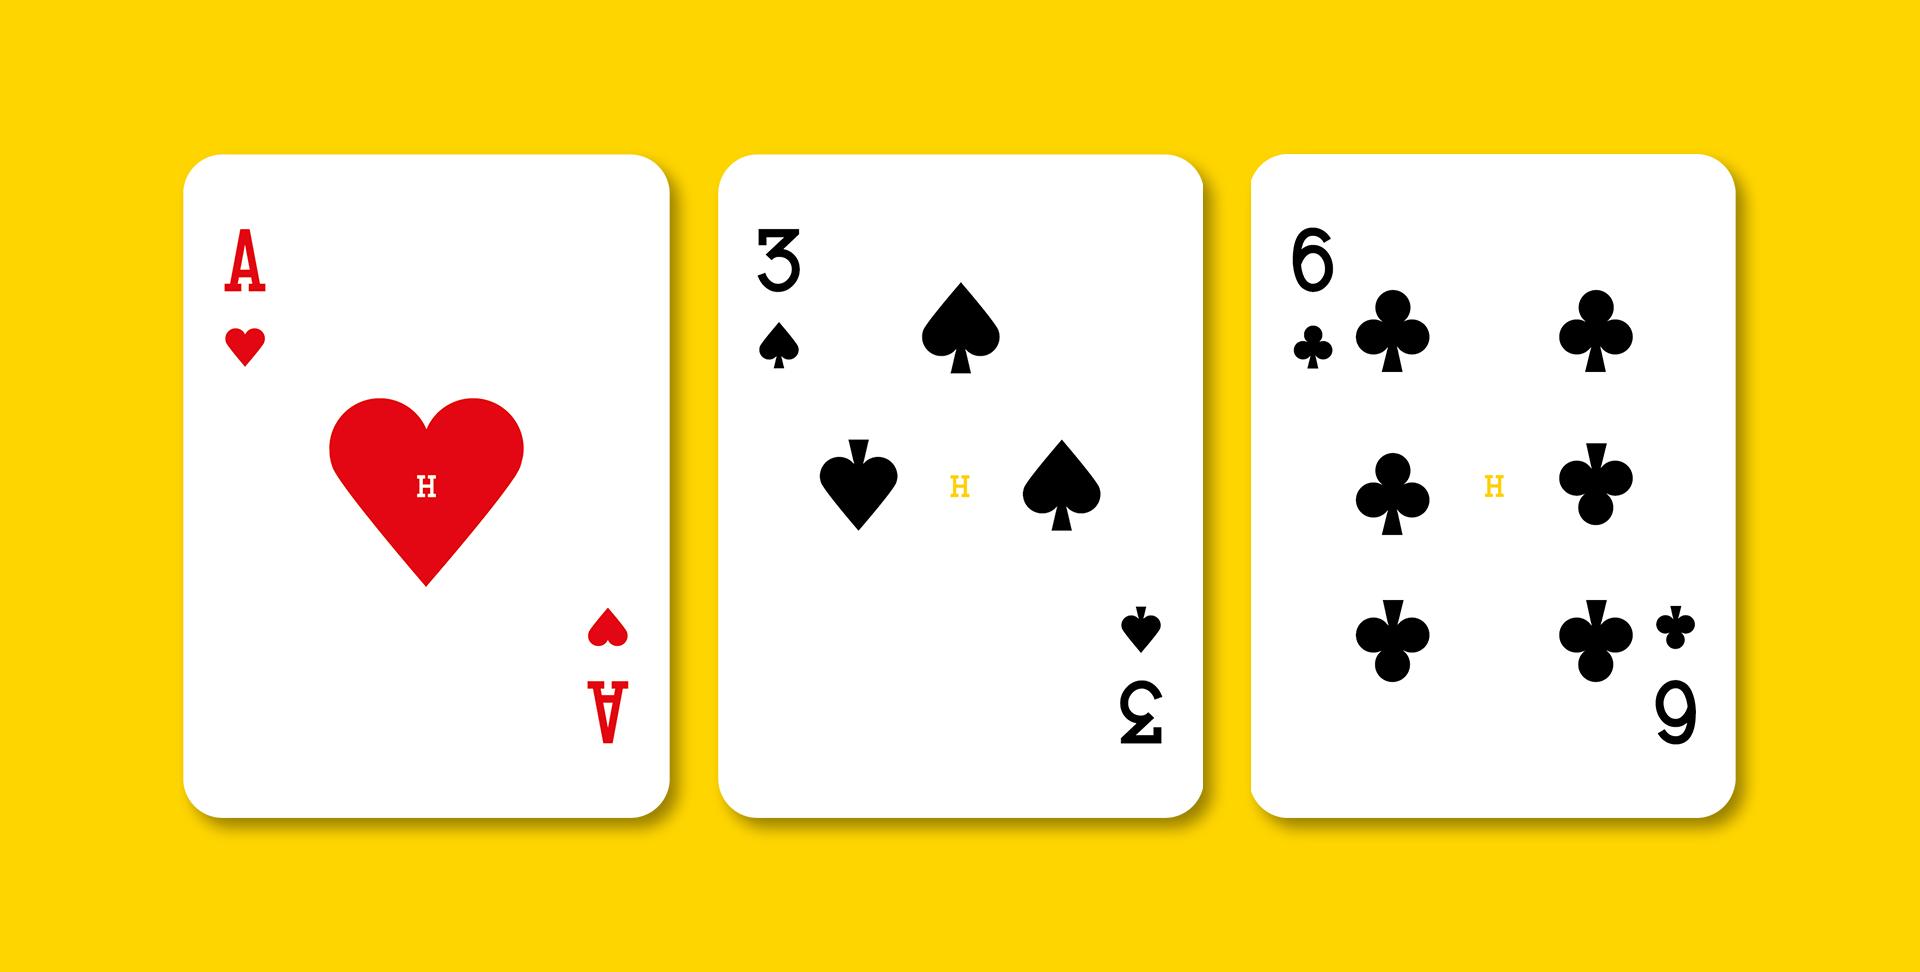 191128_higgins-cards_slide_06